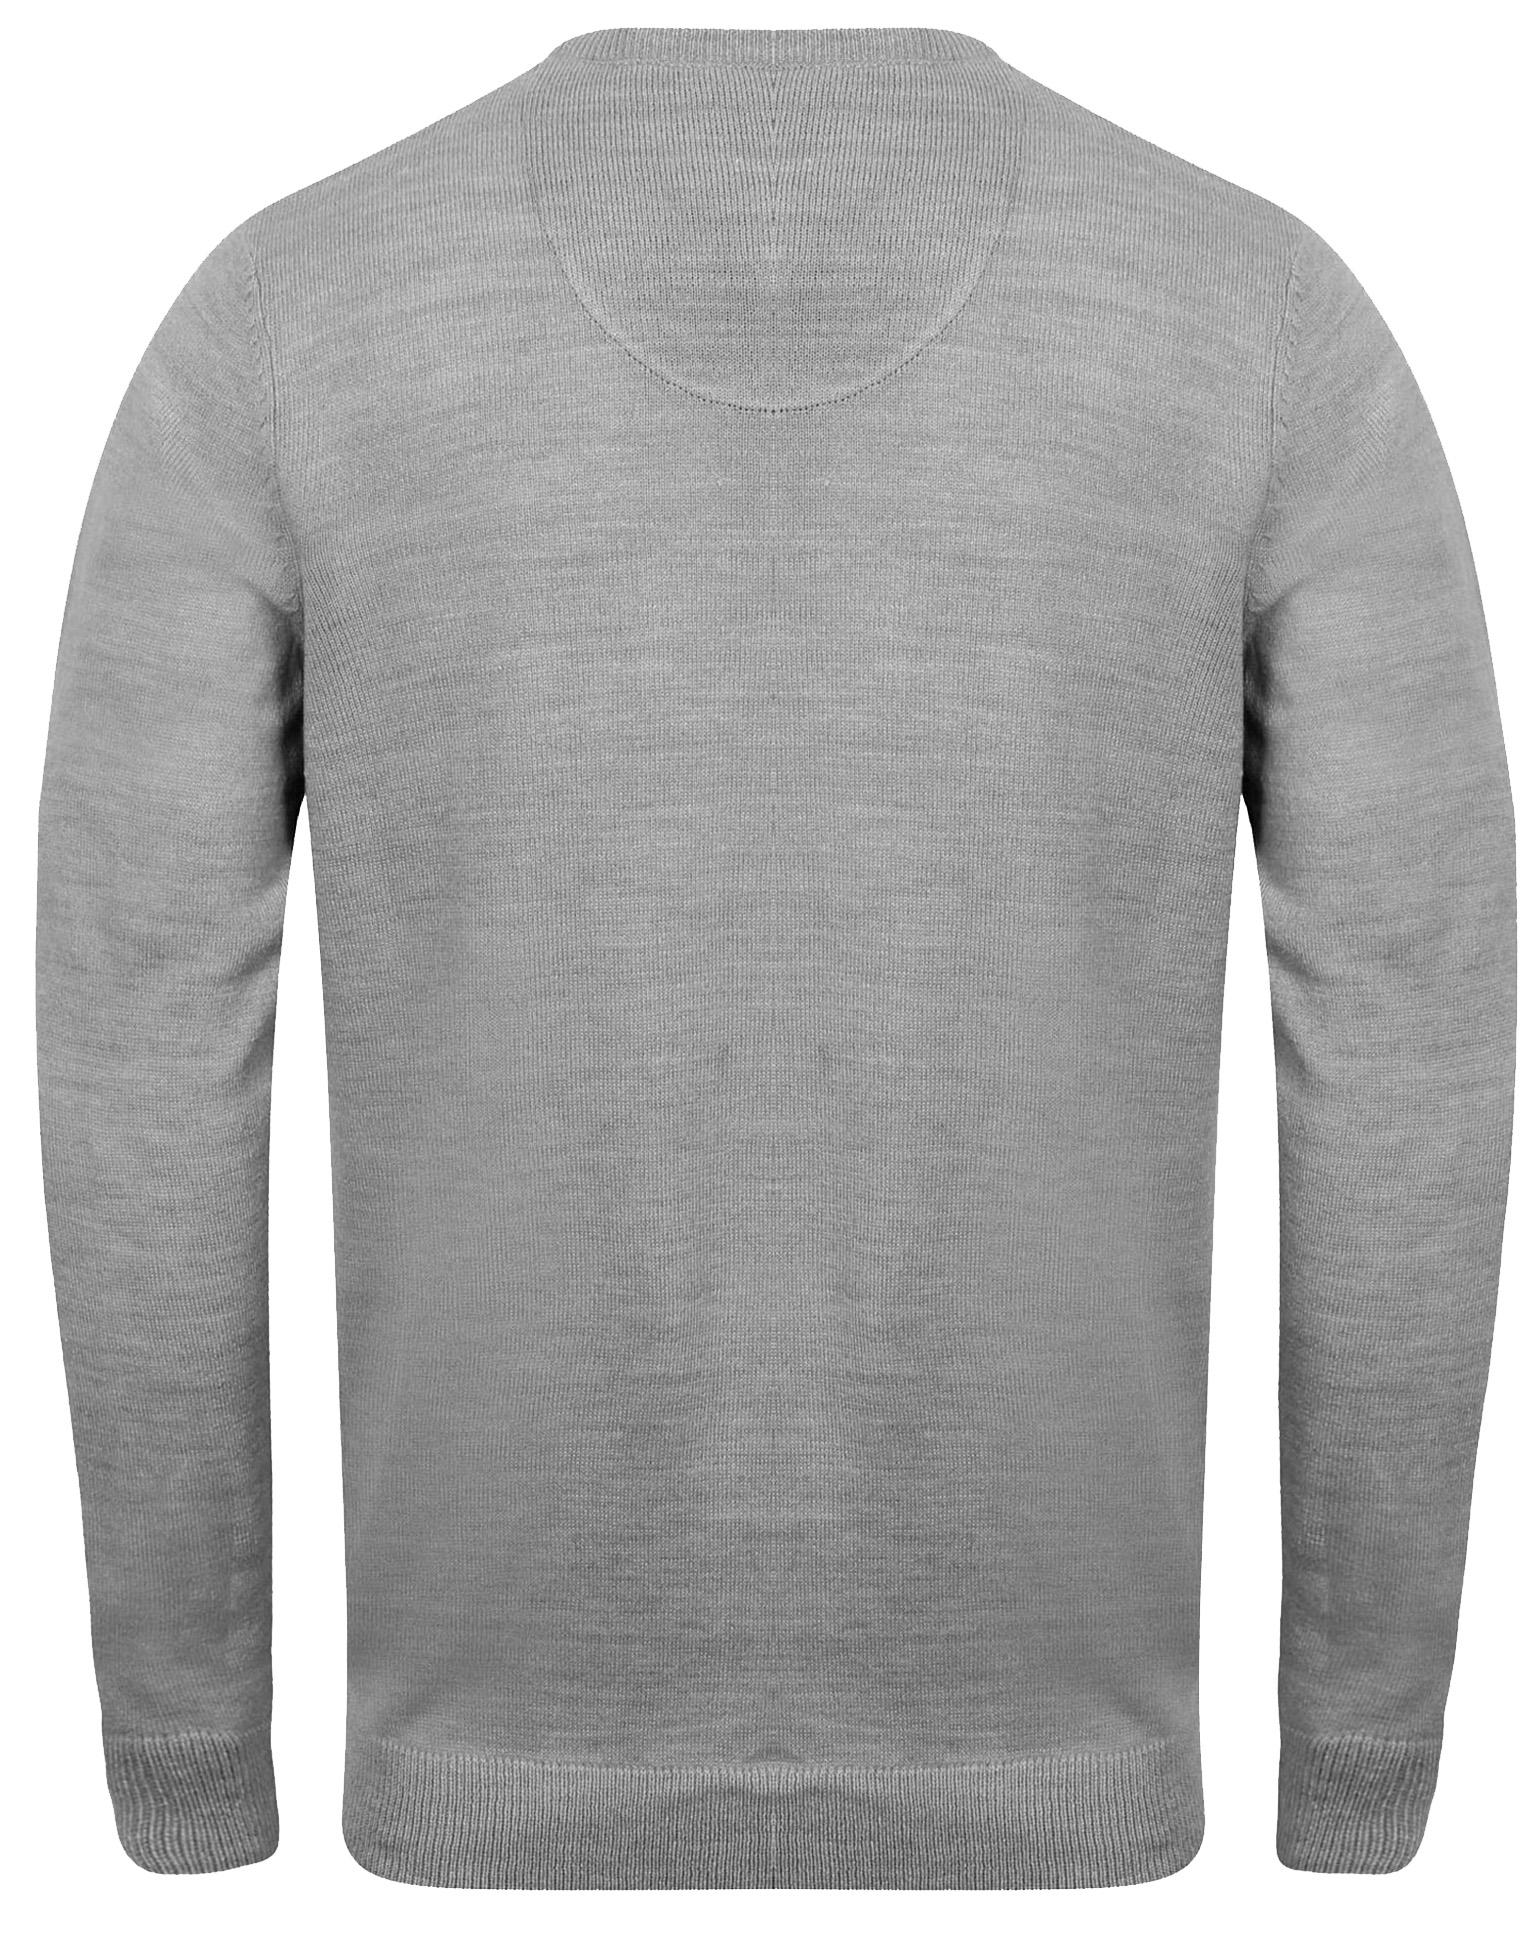 Kensington-Eastside-Men-039-s-Knitted-Crew-or-V-Neck-Jumper-Sweater-Top-Pullover thumbnail 25